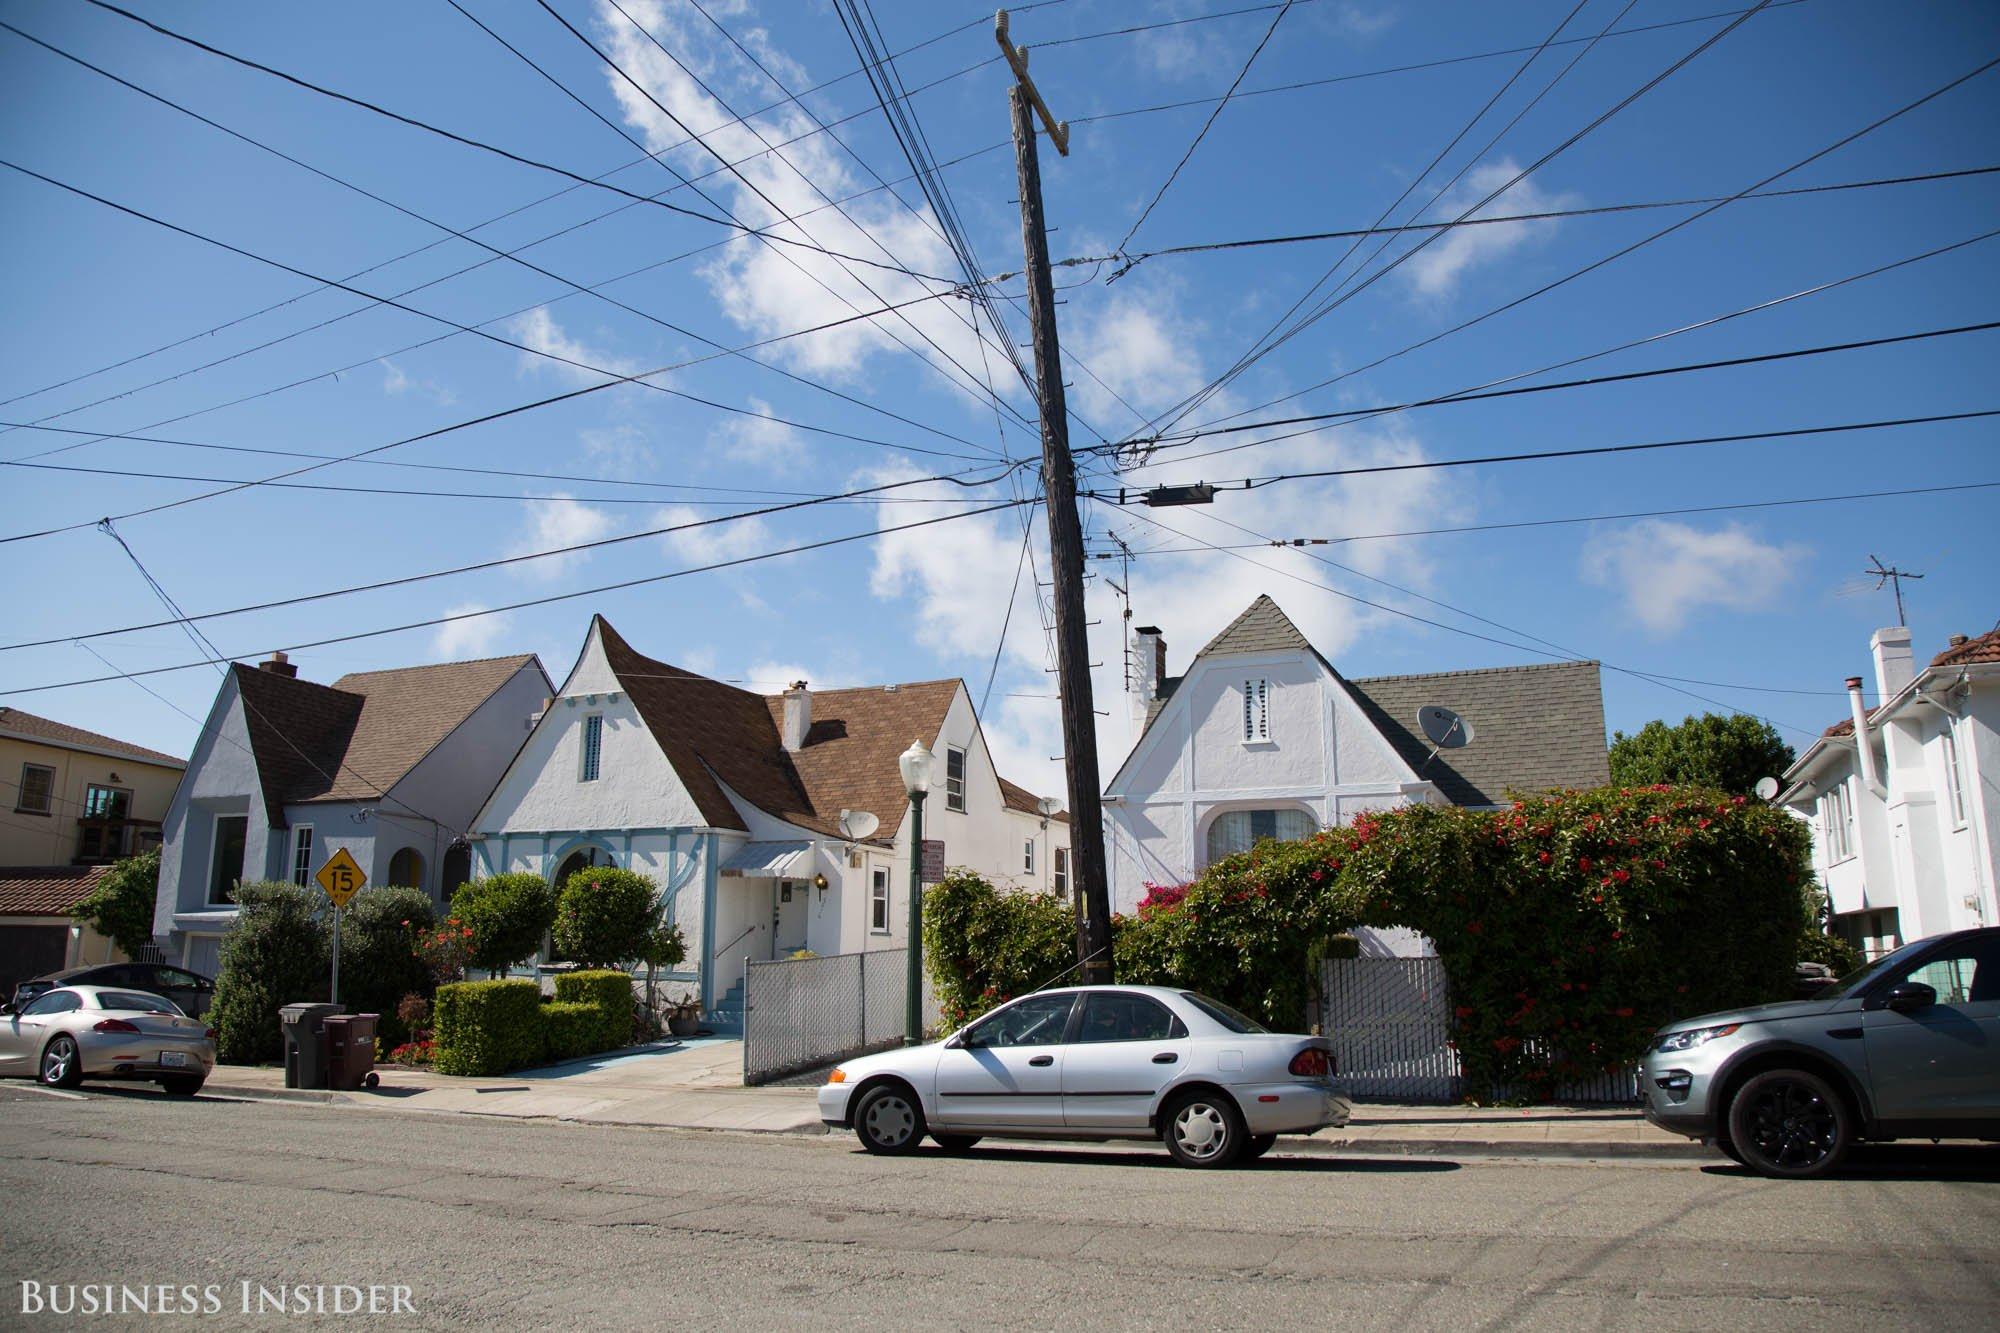 50ffc bushrod oakland hottest 4507 Bushrod, Oakland is the hottest real estate market in America ...